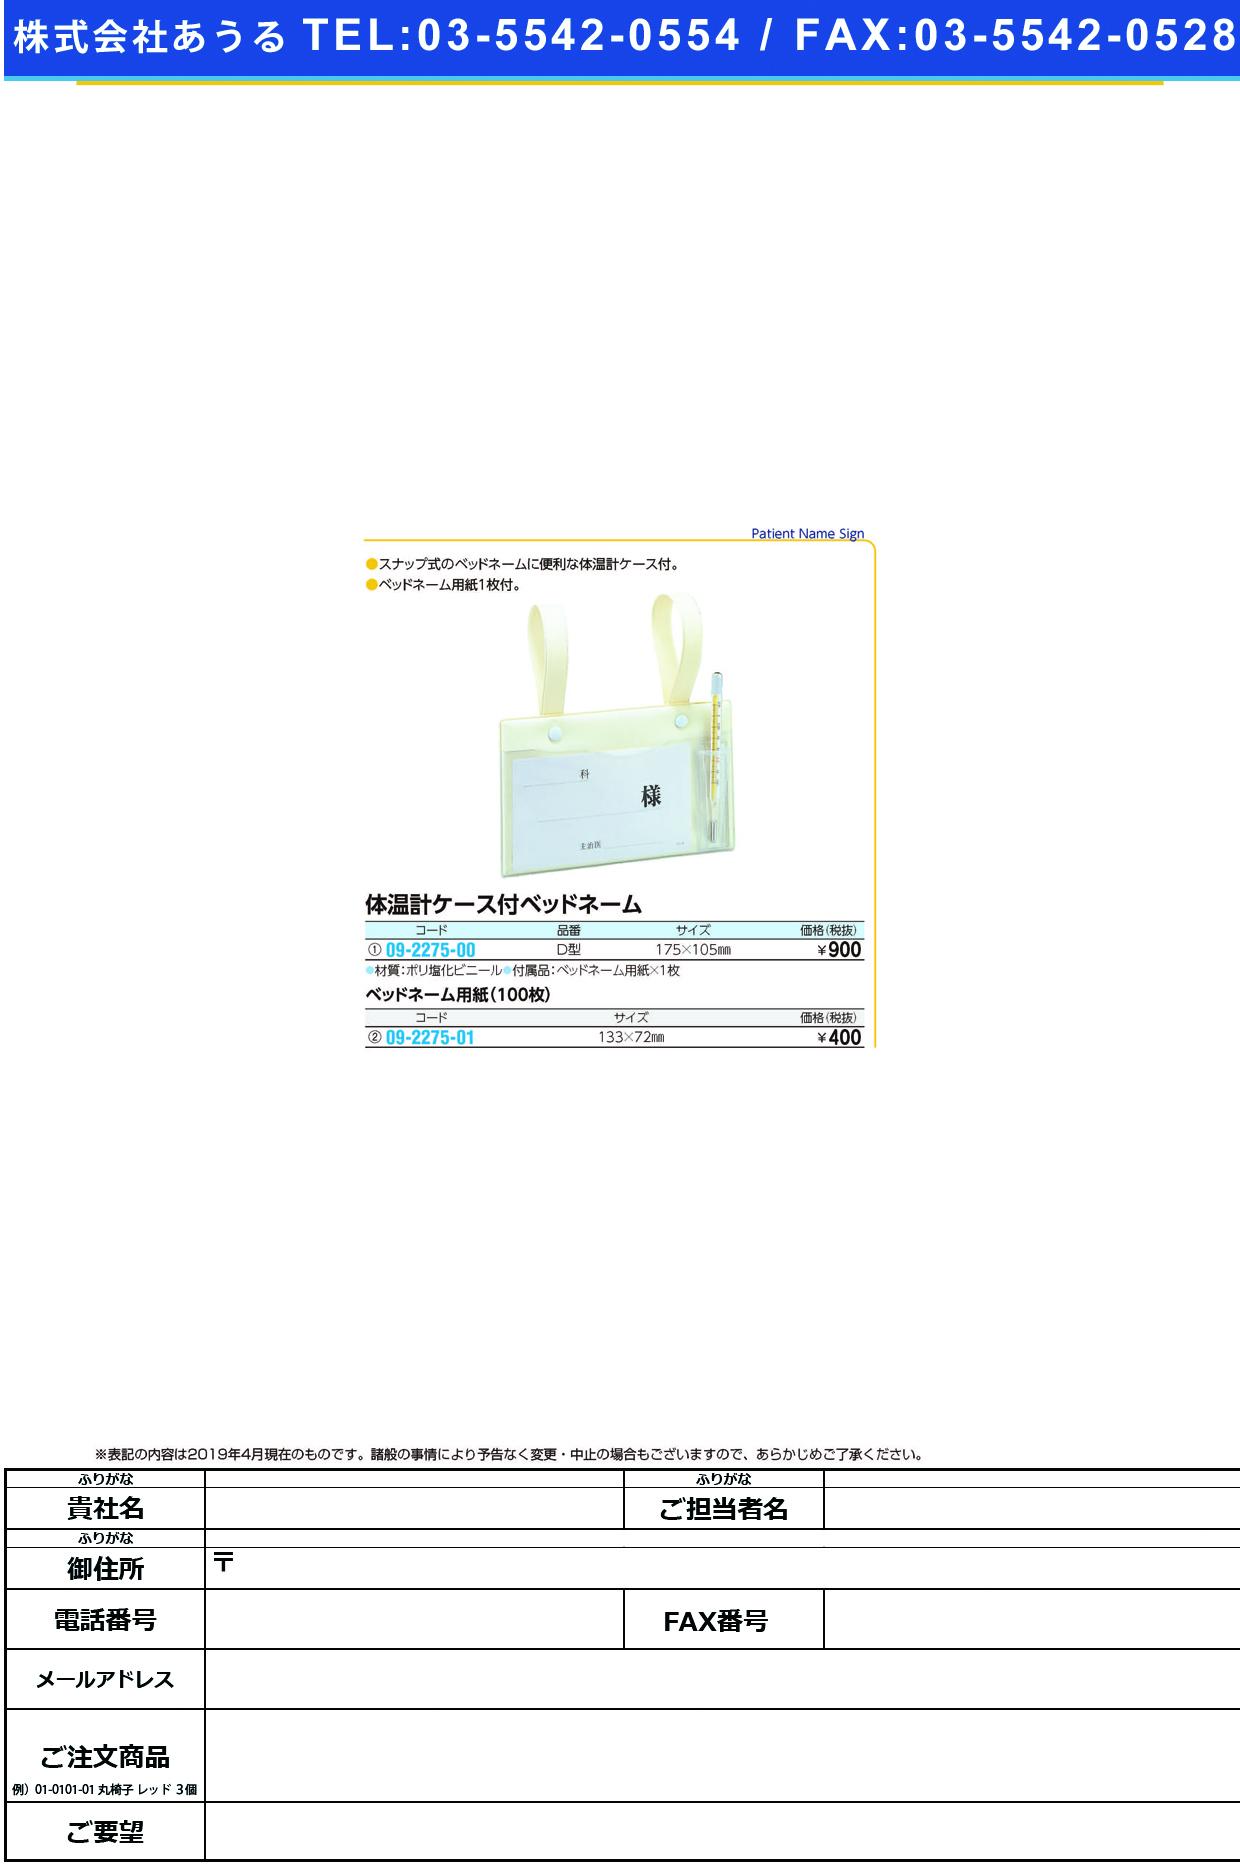 (09-2275-00)ベッドネームD型(体温計ケース付) 2031-04 ベッドネームDガタ(タイオンケイケ【1個単位】【2019年カタログ商品】